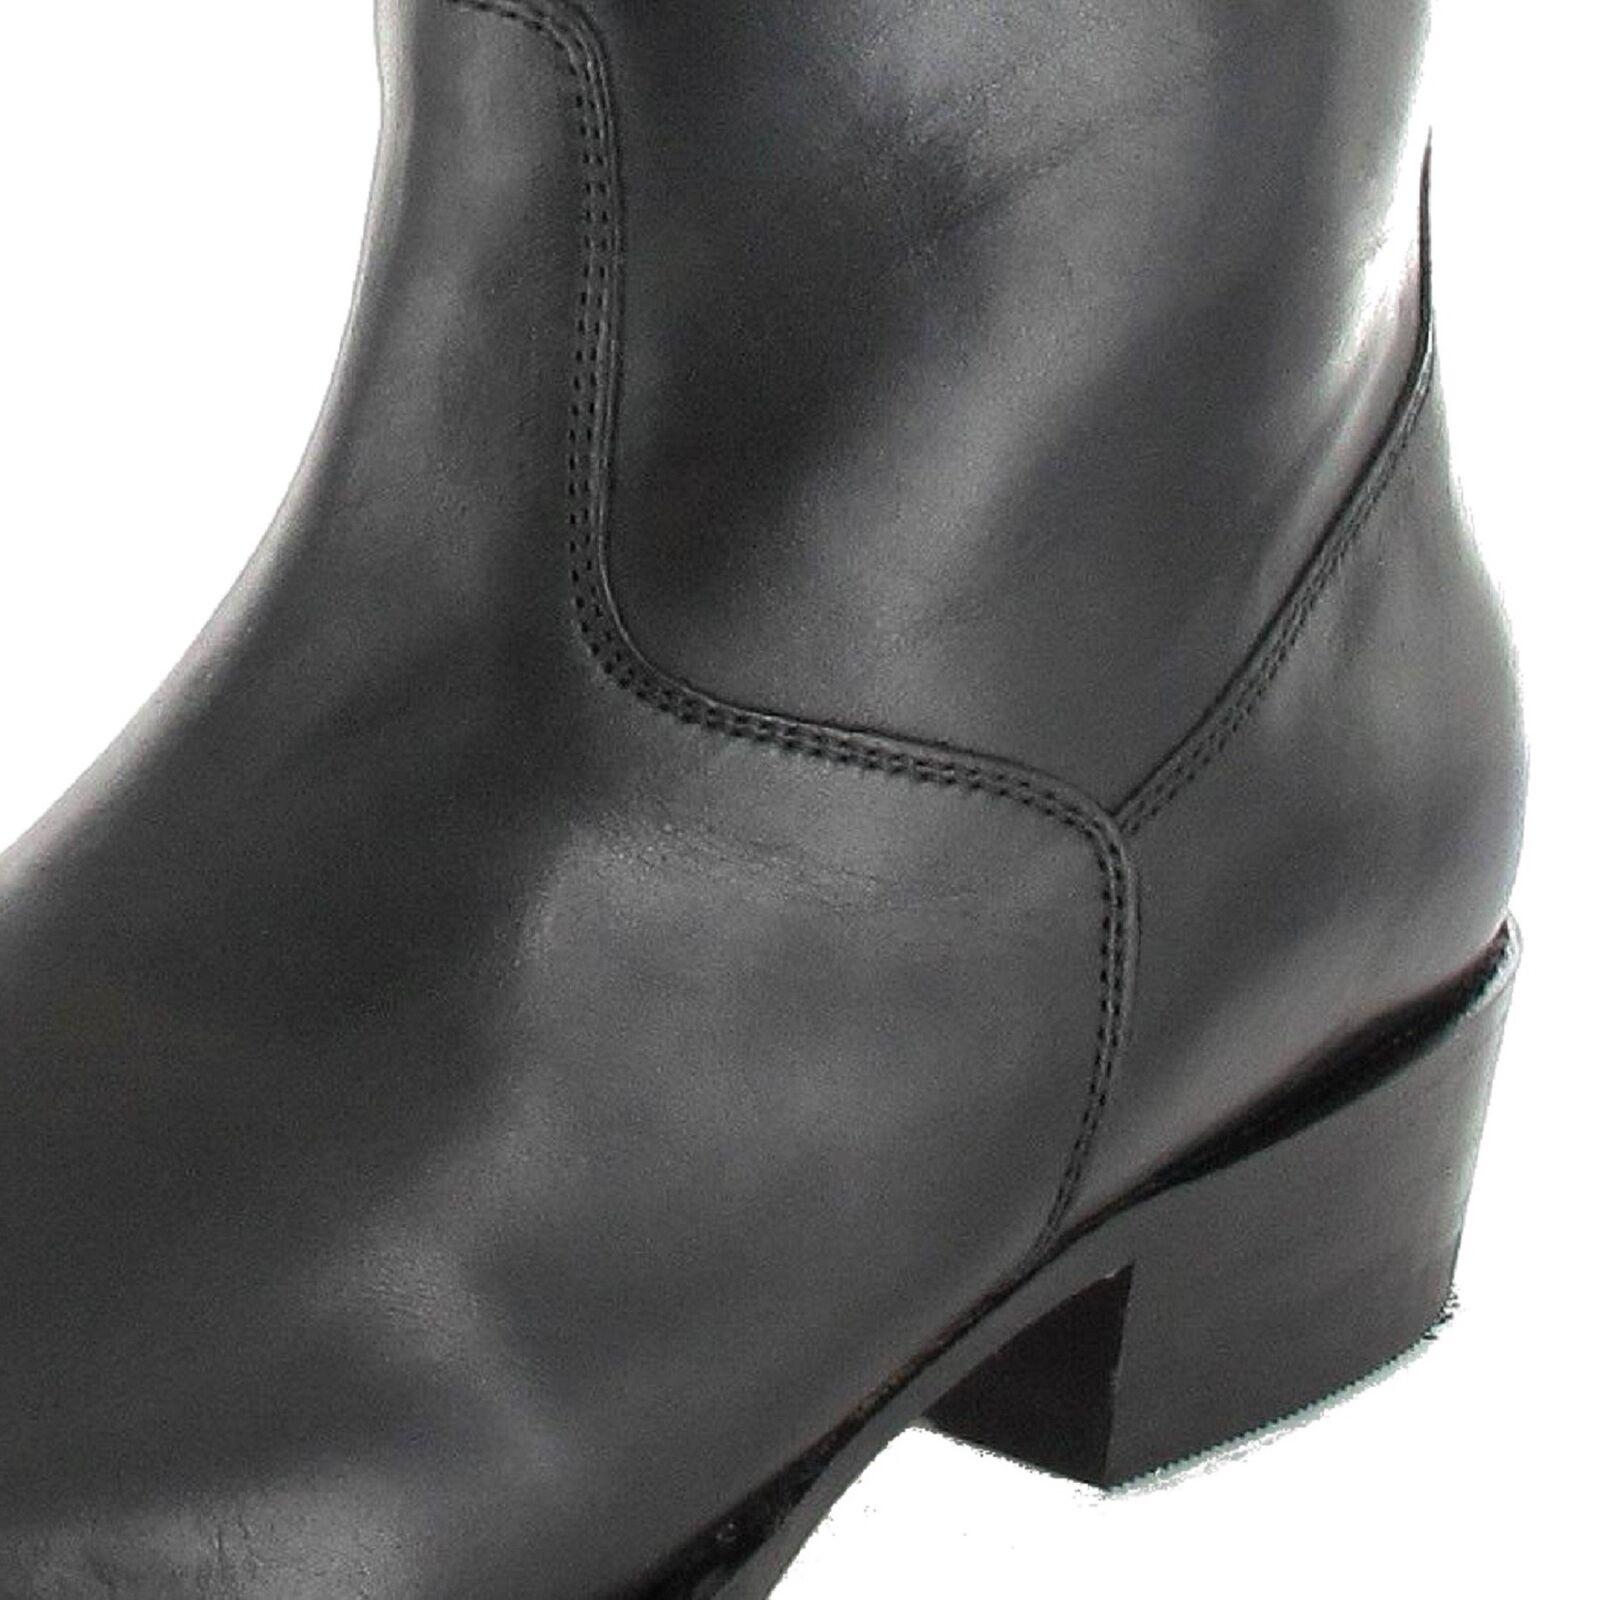 Sendra stivali Stivaletti 7438 Nero Nero Nero Stivaletti Western Cowboy Stivaletti | Louis, in dettaglio  938c1b